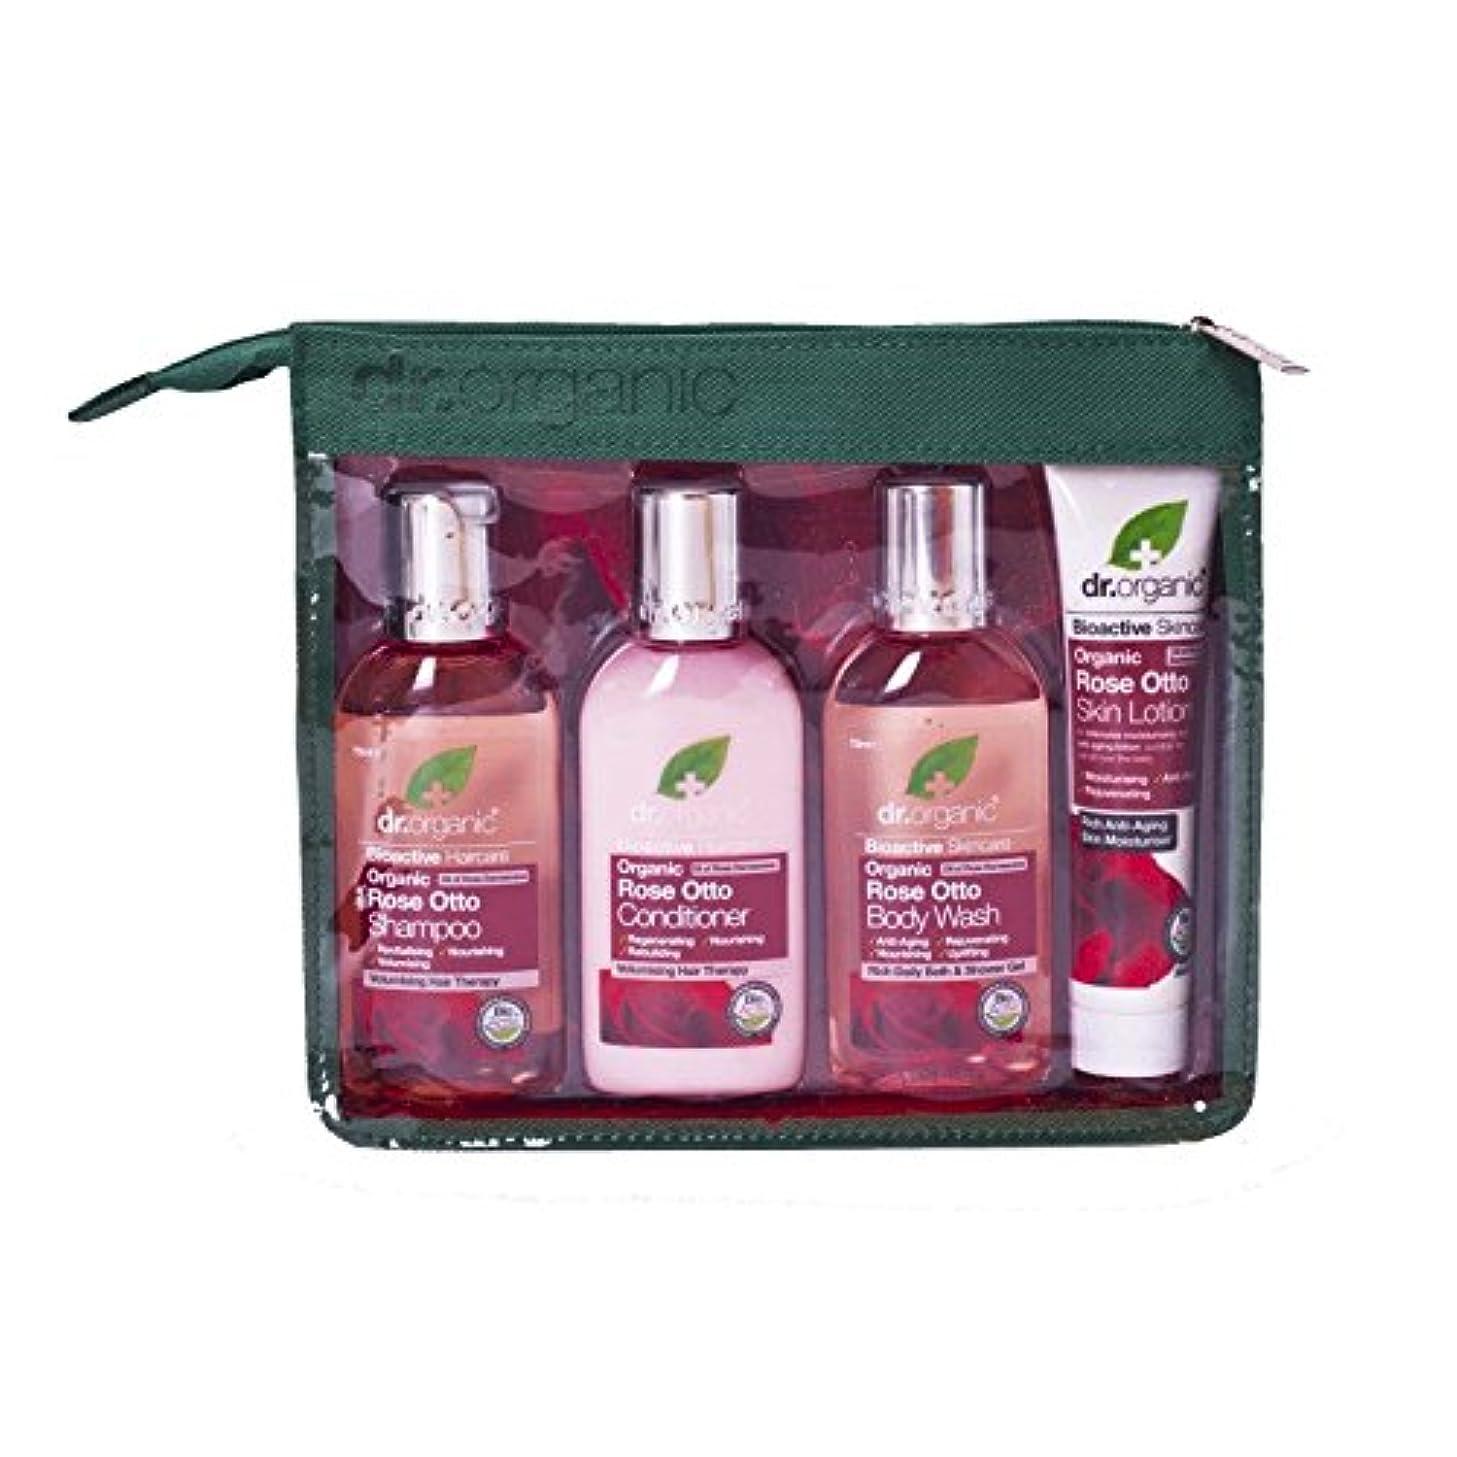 呼吸フォアマン殺人者Dr Organic Rose Otto Mini Travel Pack (Pack of 2) - Dr有機ミニ旅行パックをオットーローズ (x2) [並行輸入品]